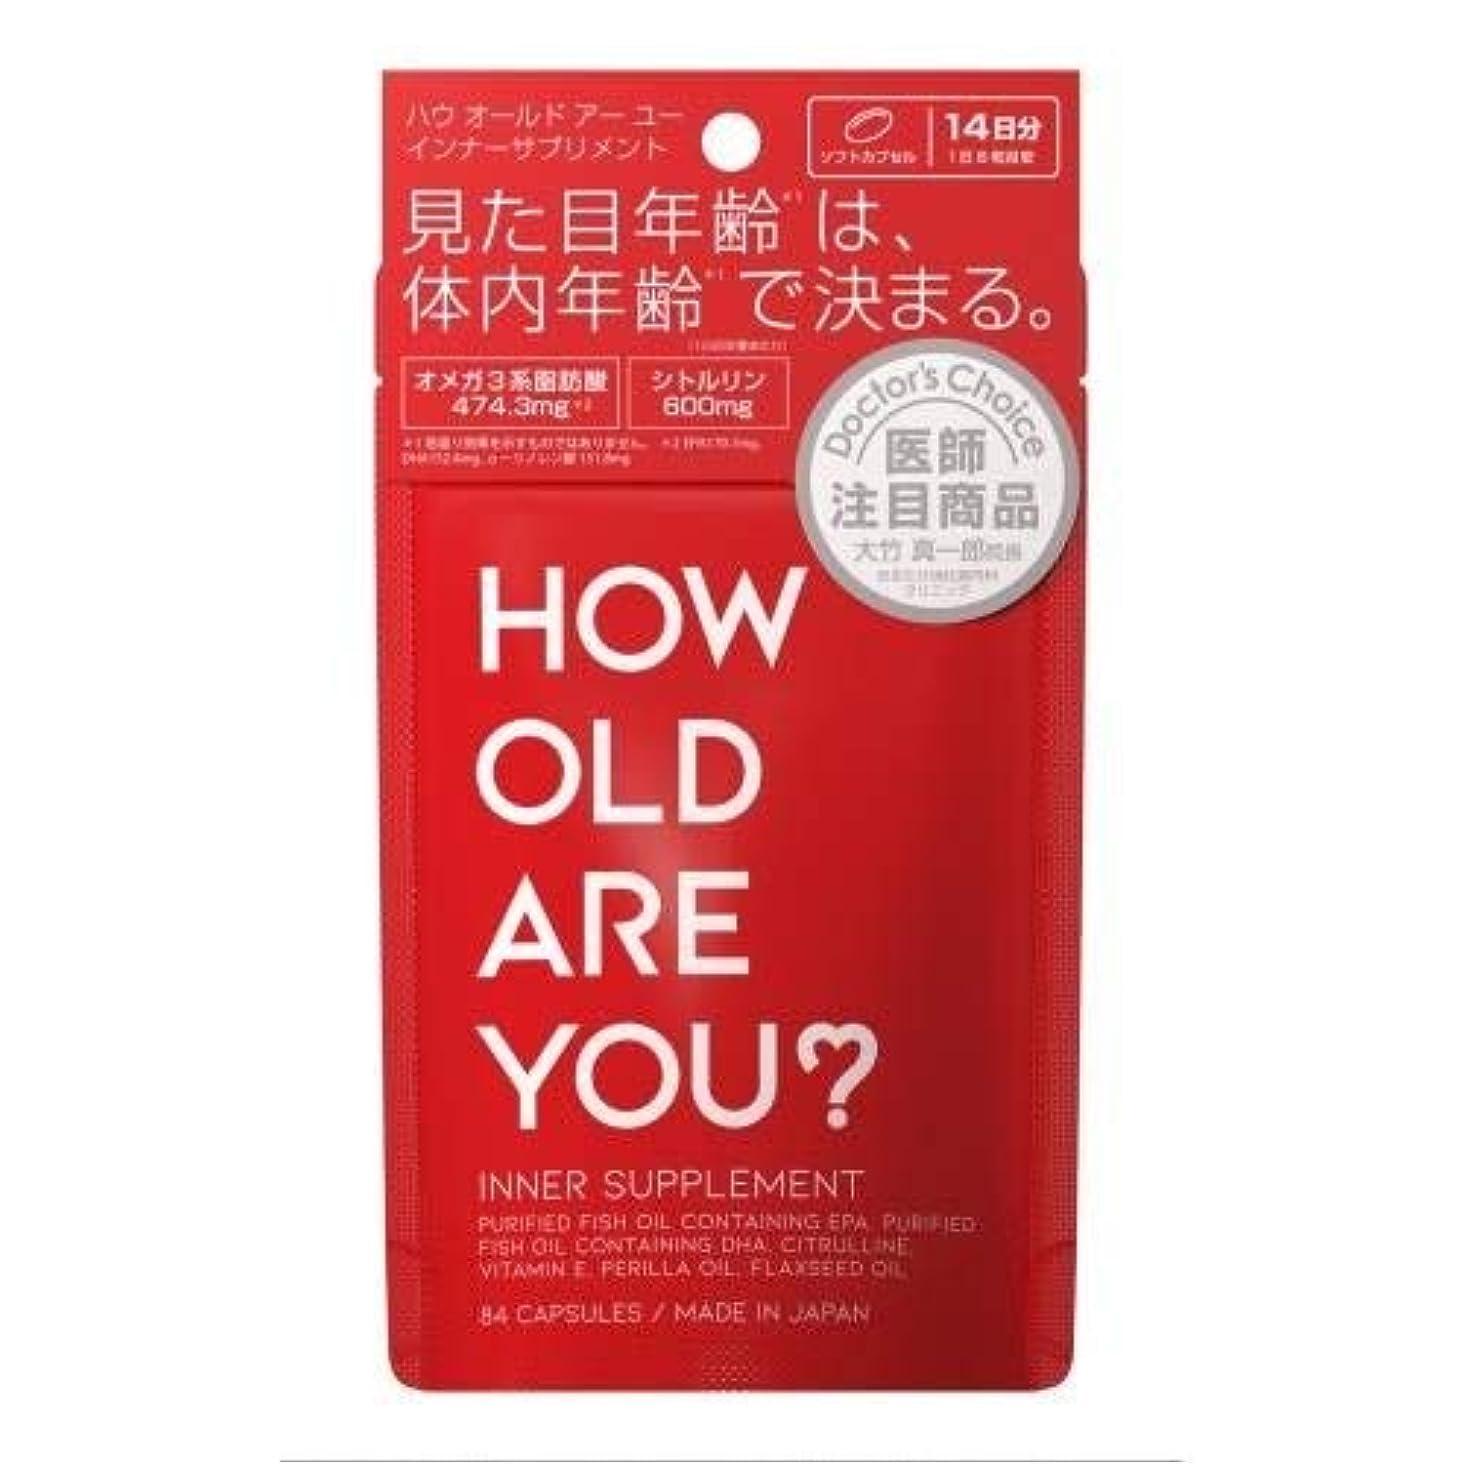 省キャプテン遅れ【3個セット】HOW OLD ARE YOU?インナーサプリメント 84粒